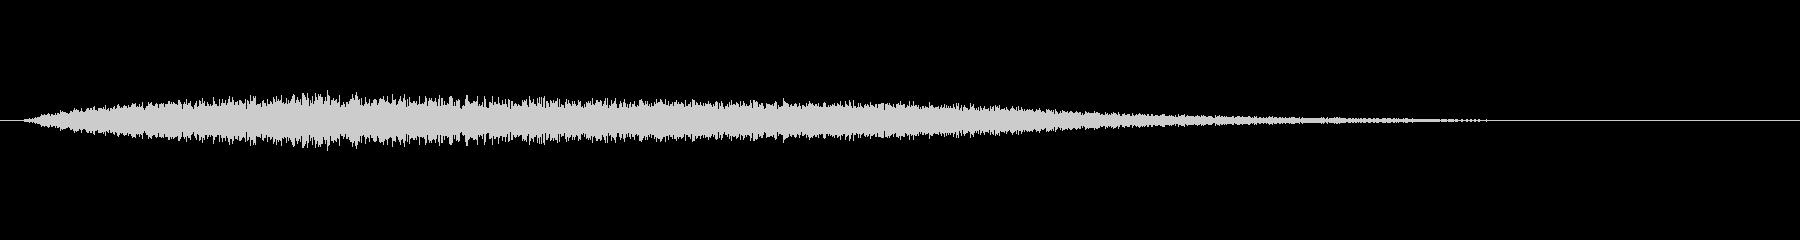 【風 合成02-3】の未再生の波形